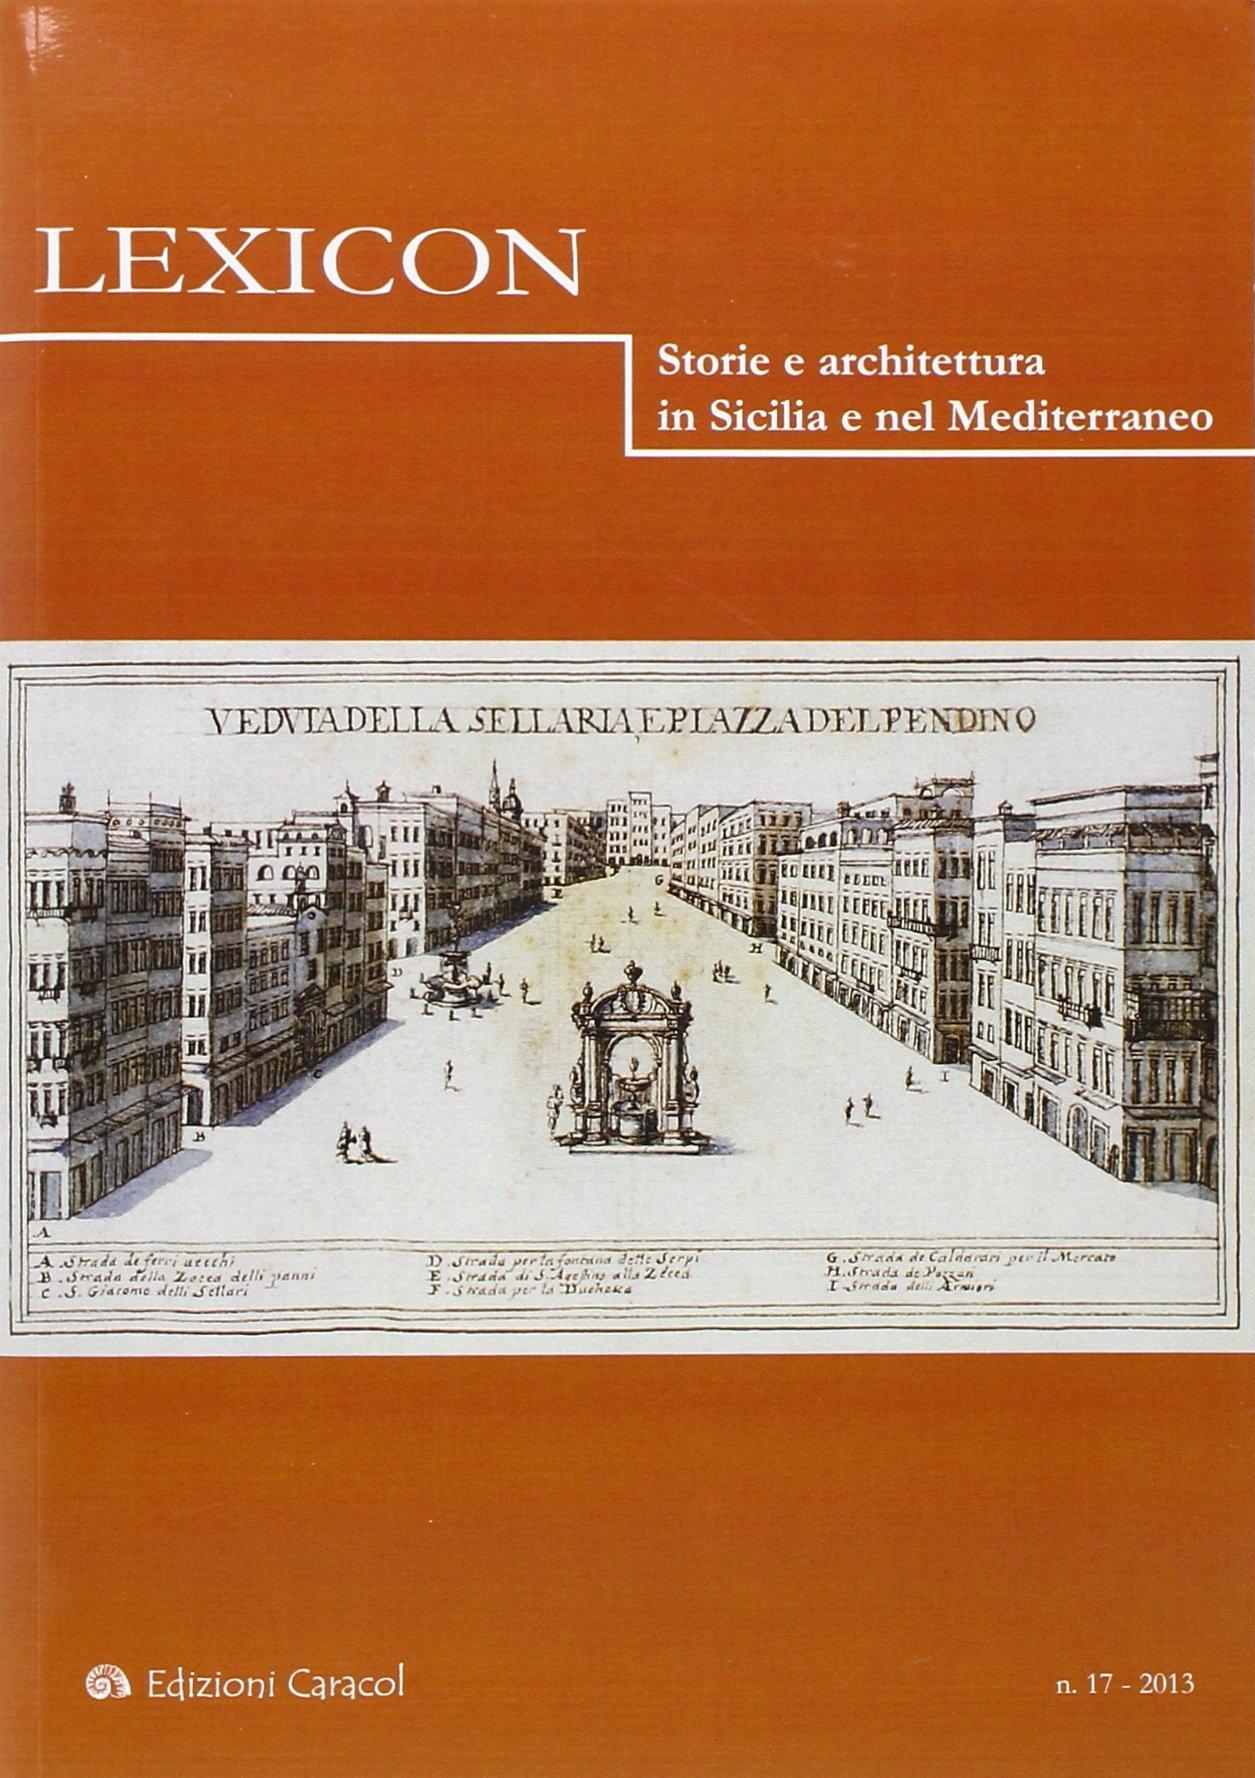 Download Lexicon. Storie e architettura in Sicilia e nel Mediterraneo (2013) vol. 17 pdf epub